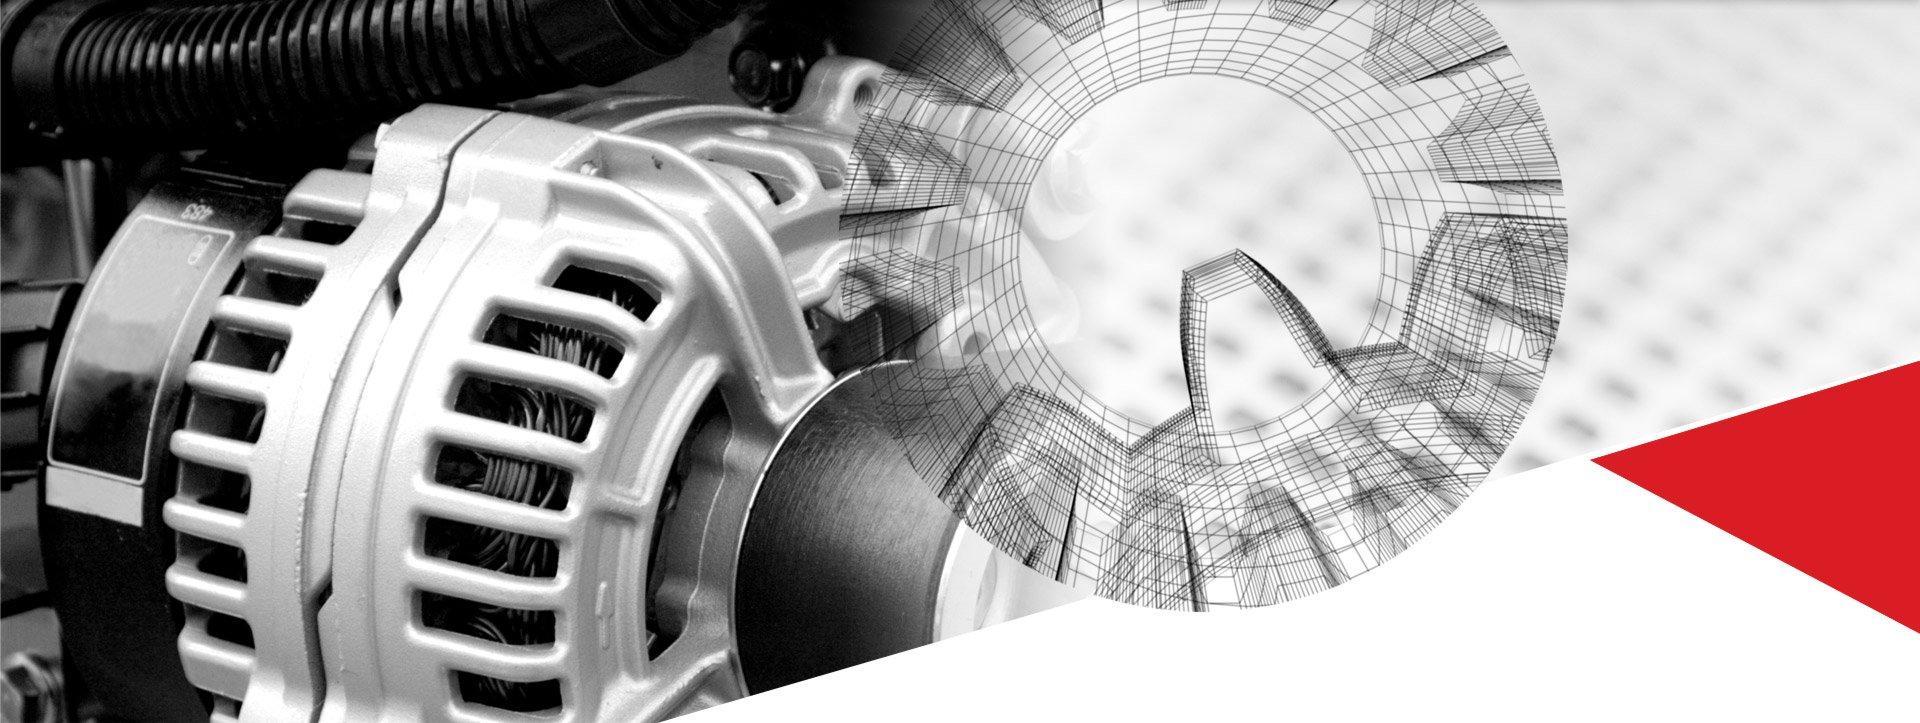 Partie d'un moteur |Camion-citerne |Mesures Calib-Tech |Montréal